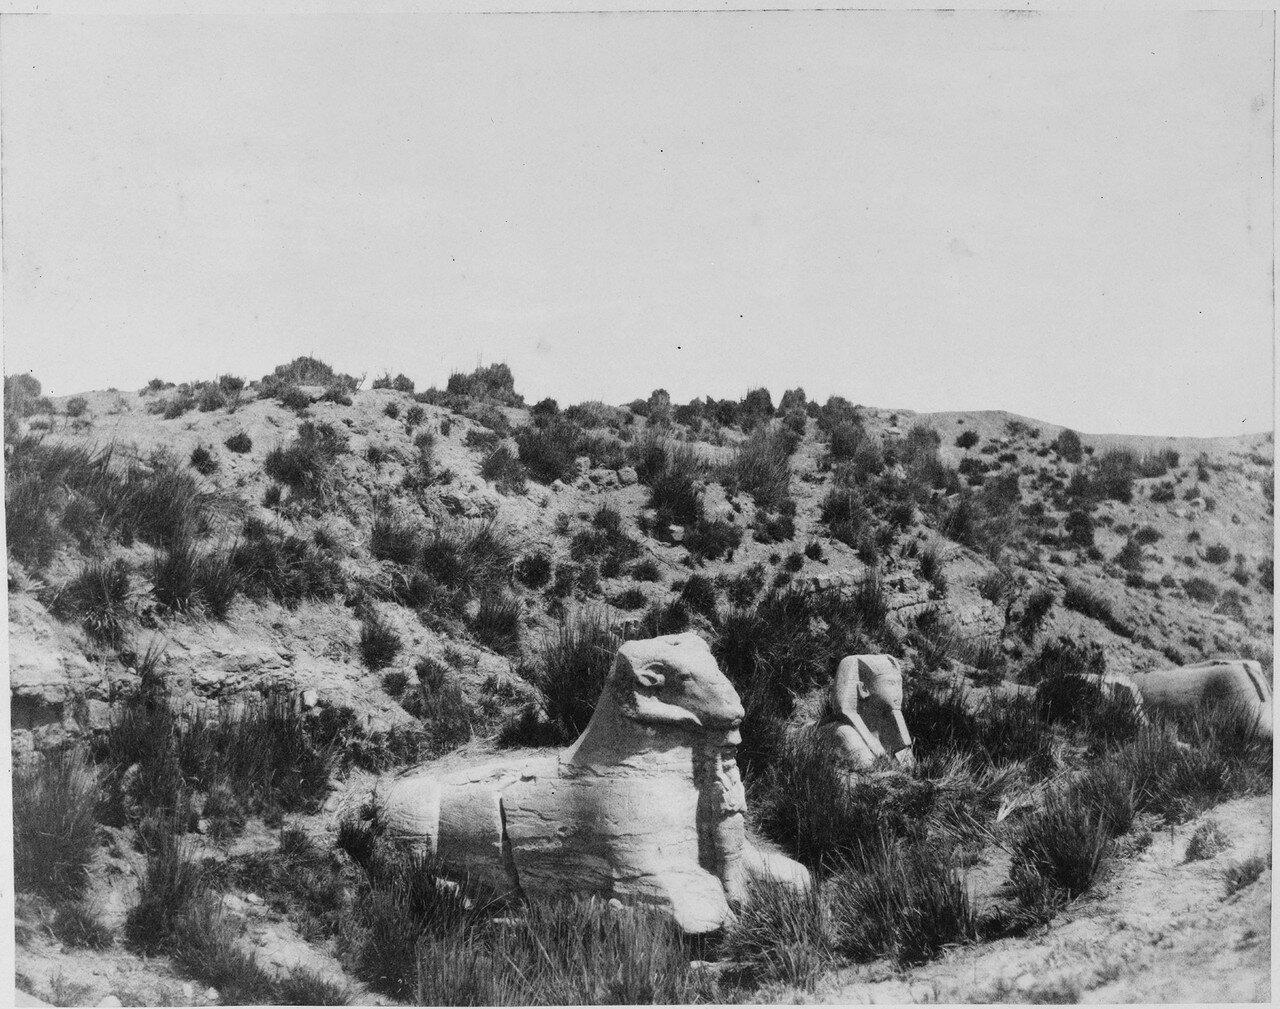 Карнак (Фивы). Сфинксы с головами барана и человека. 1858